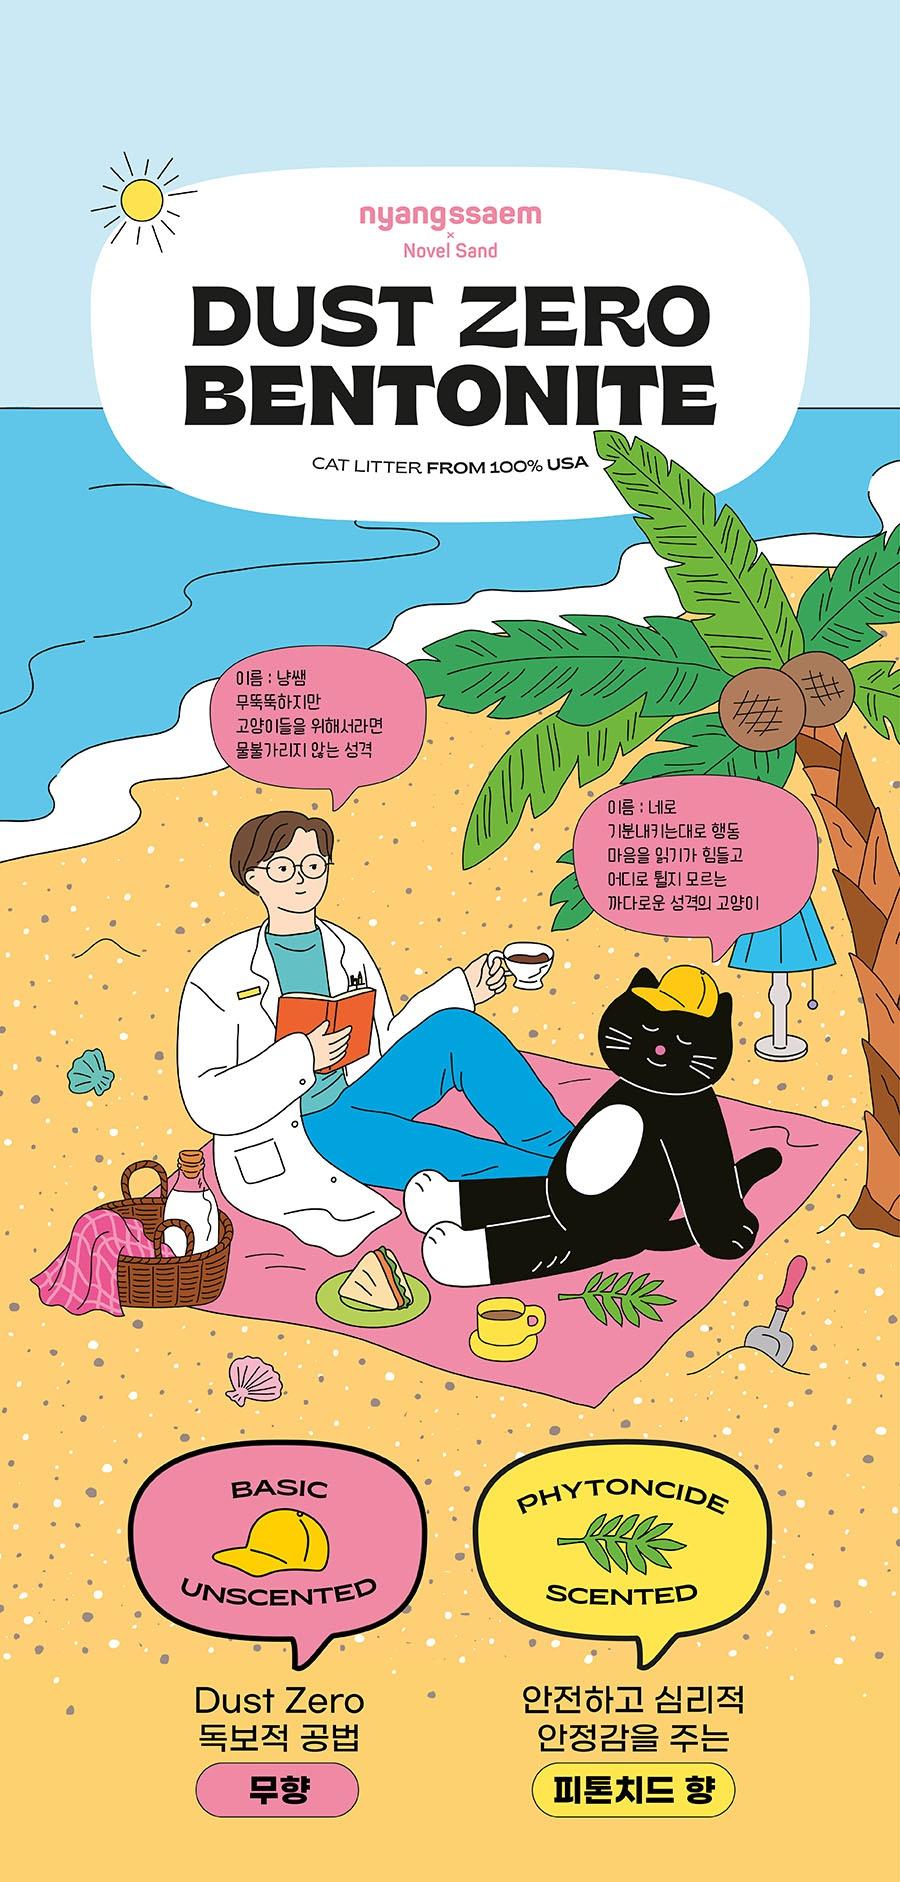 냥쌤 더스트제로 벤토나이트 모래 6kg (무향/피톤치드향)-상품이미지-3